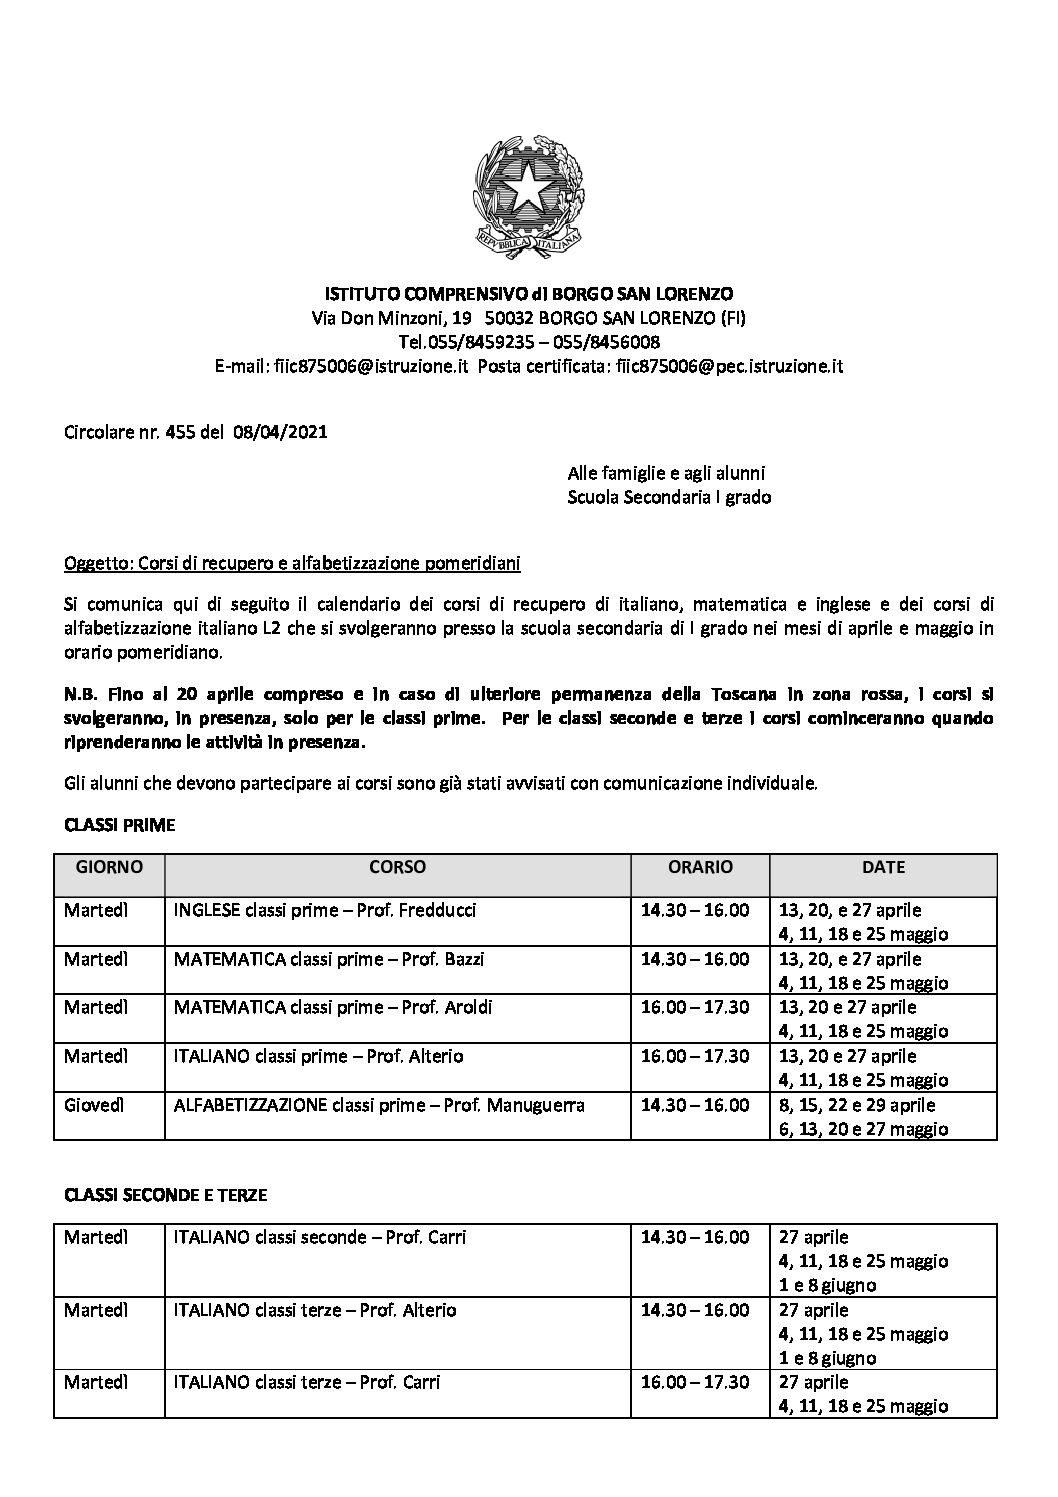 Circolare 455- corsi recupero e alfabetizzazione SCUOLA SECONDARIA DI PRIMO GRADO